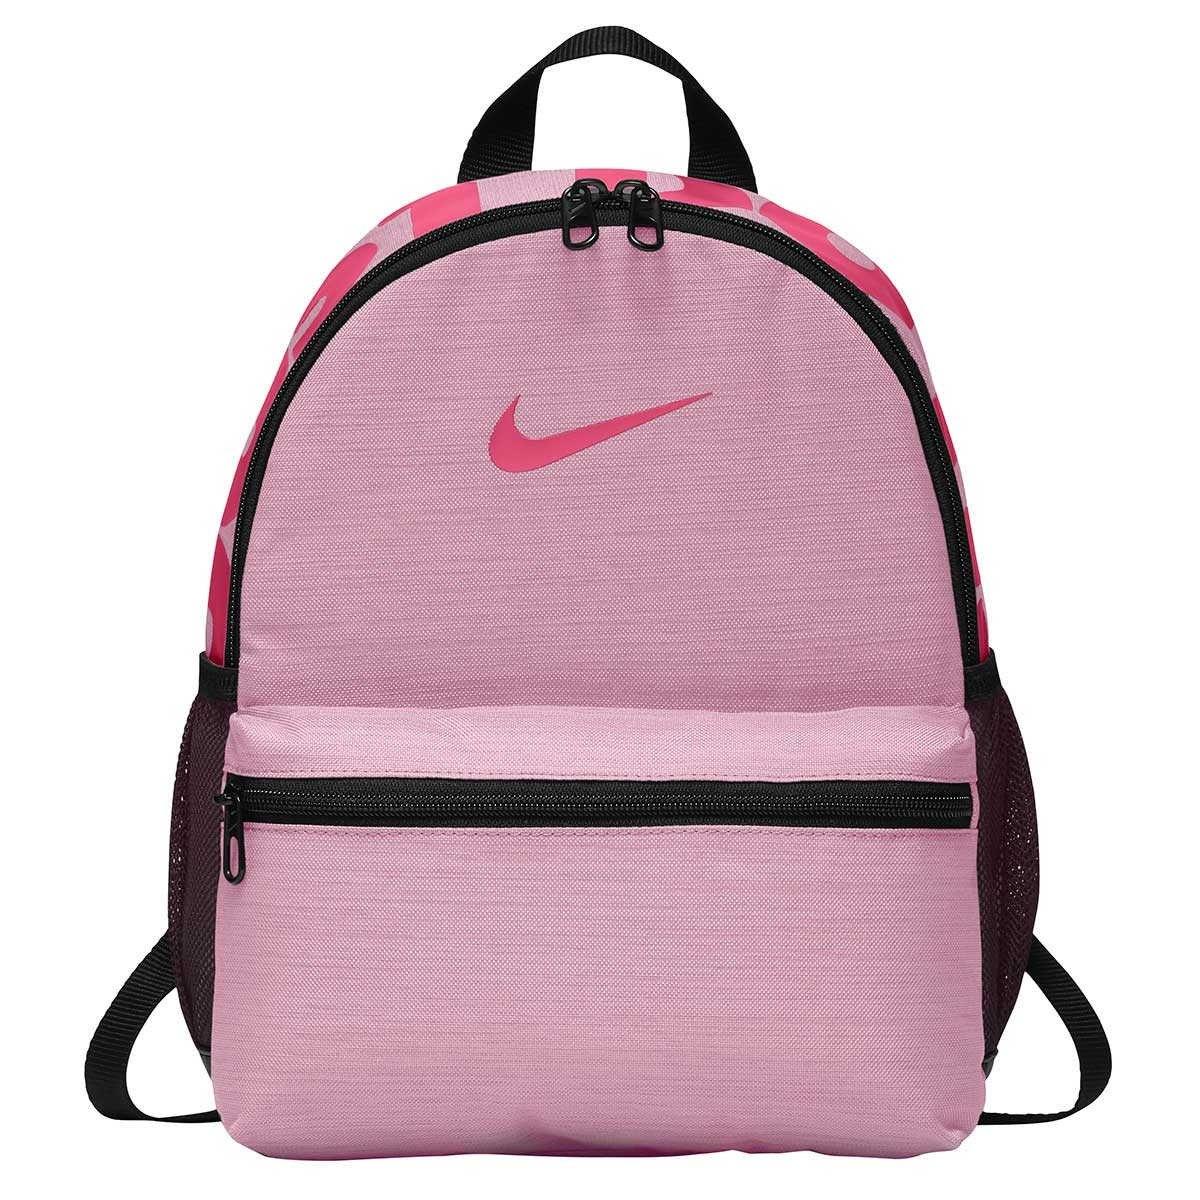 Niña Ba5559 Mochila Para Dgt Escolar 654Envio Nike 80XnOkwP